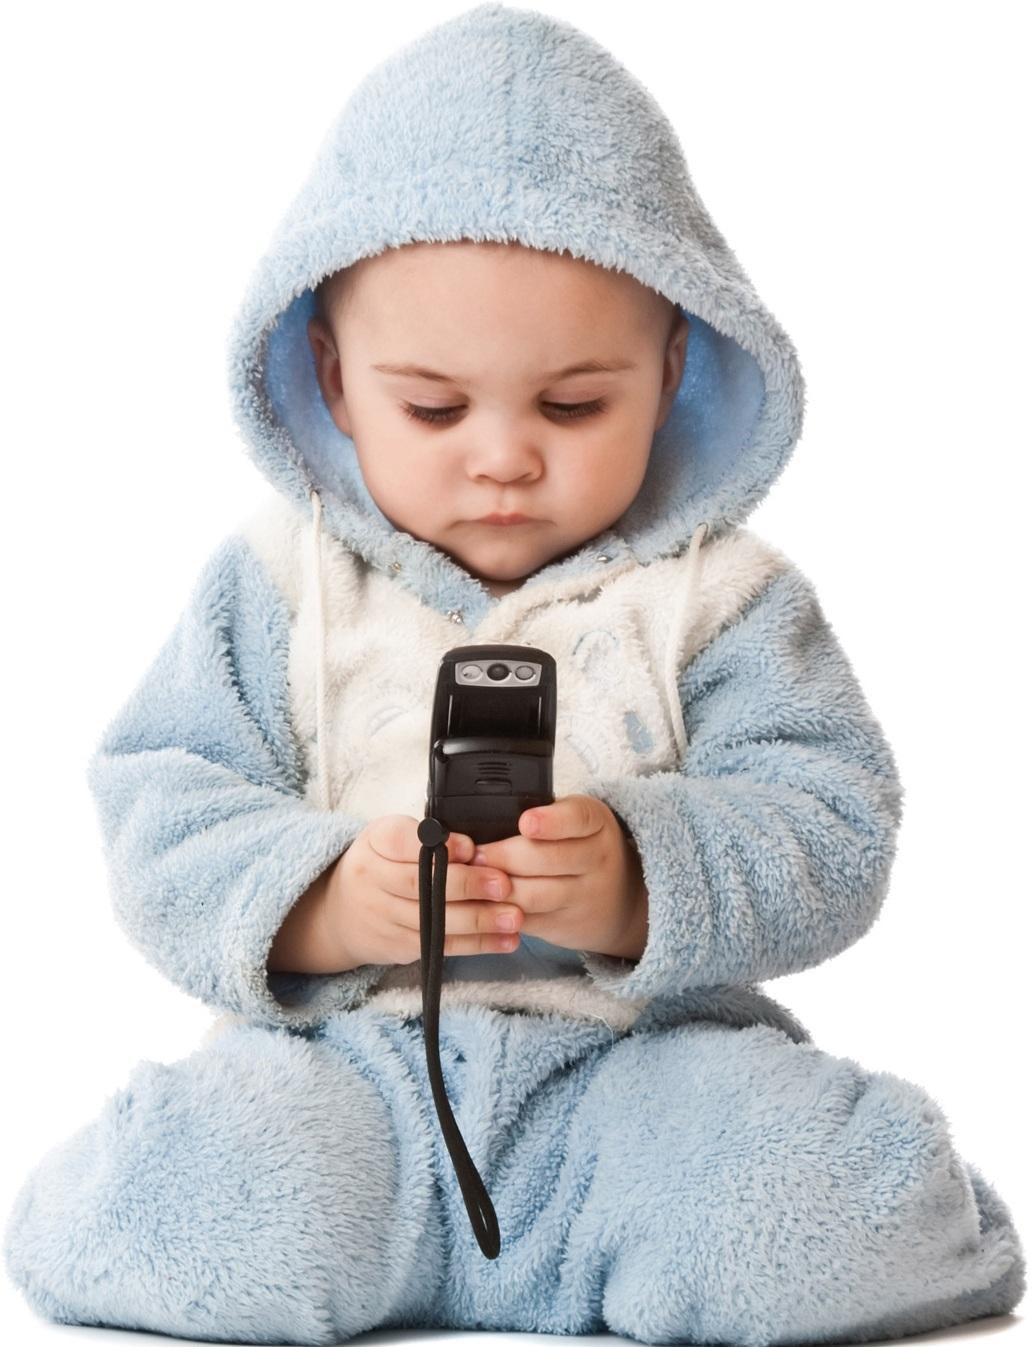 Αφήνετε το μωρό να παίζει ανεξέλεγκτα με το κινητό σας. Σε λιγότερο από 5  λεπτά θα έχουν σβηστεί όλες οι εφαρμογές 47262f3f936